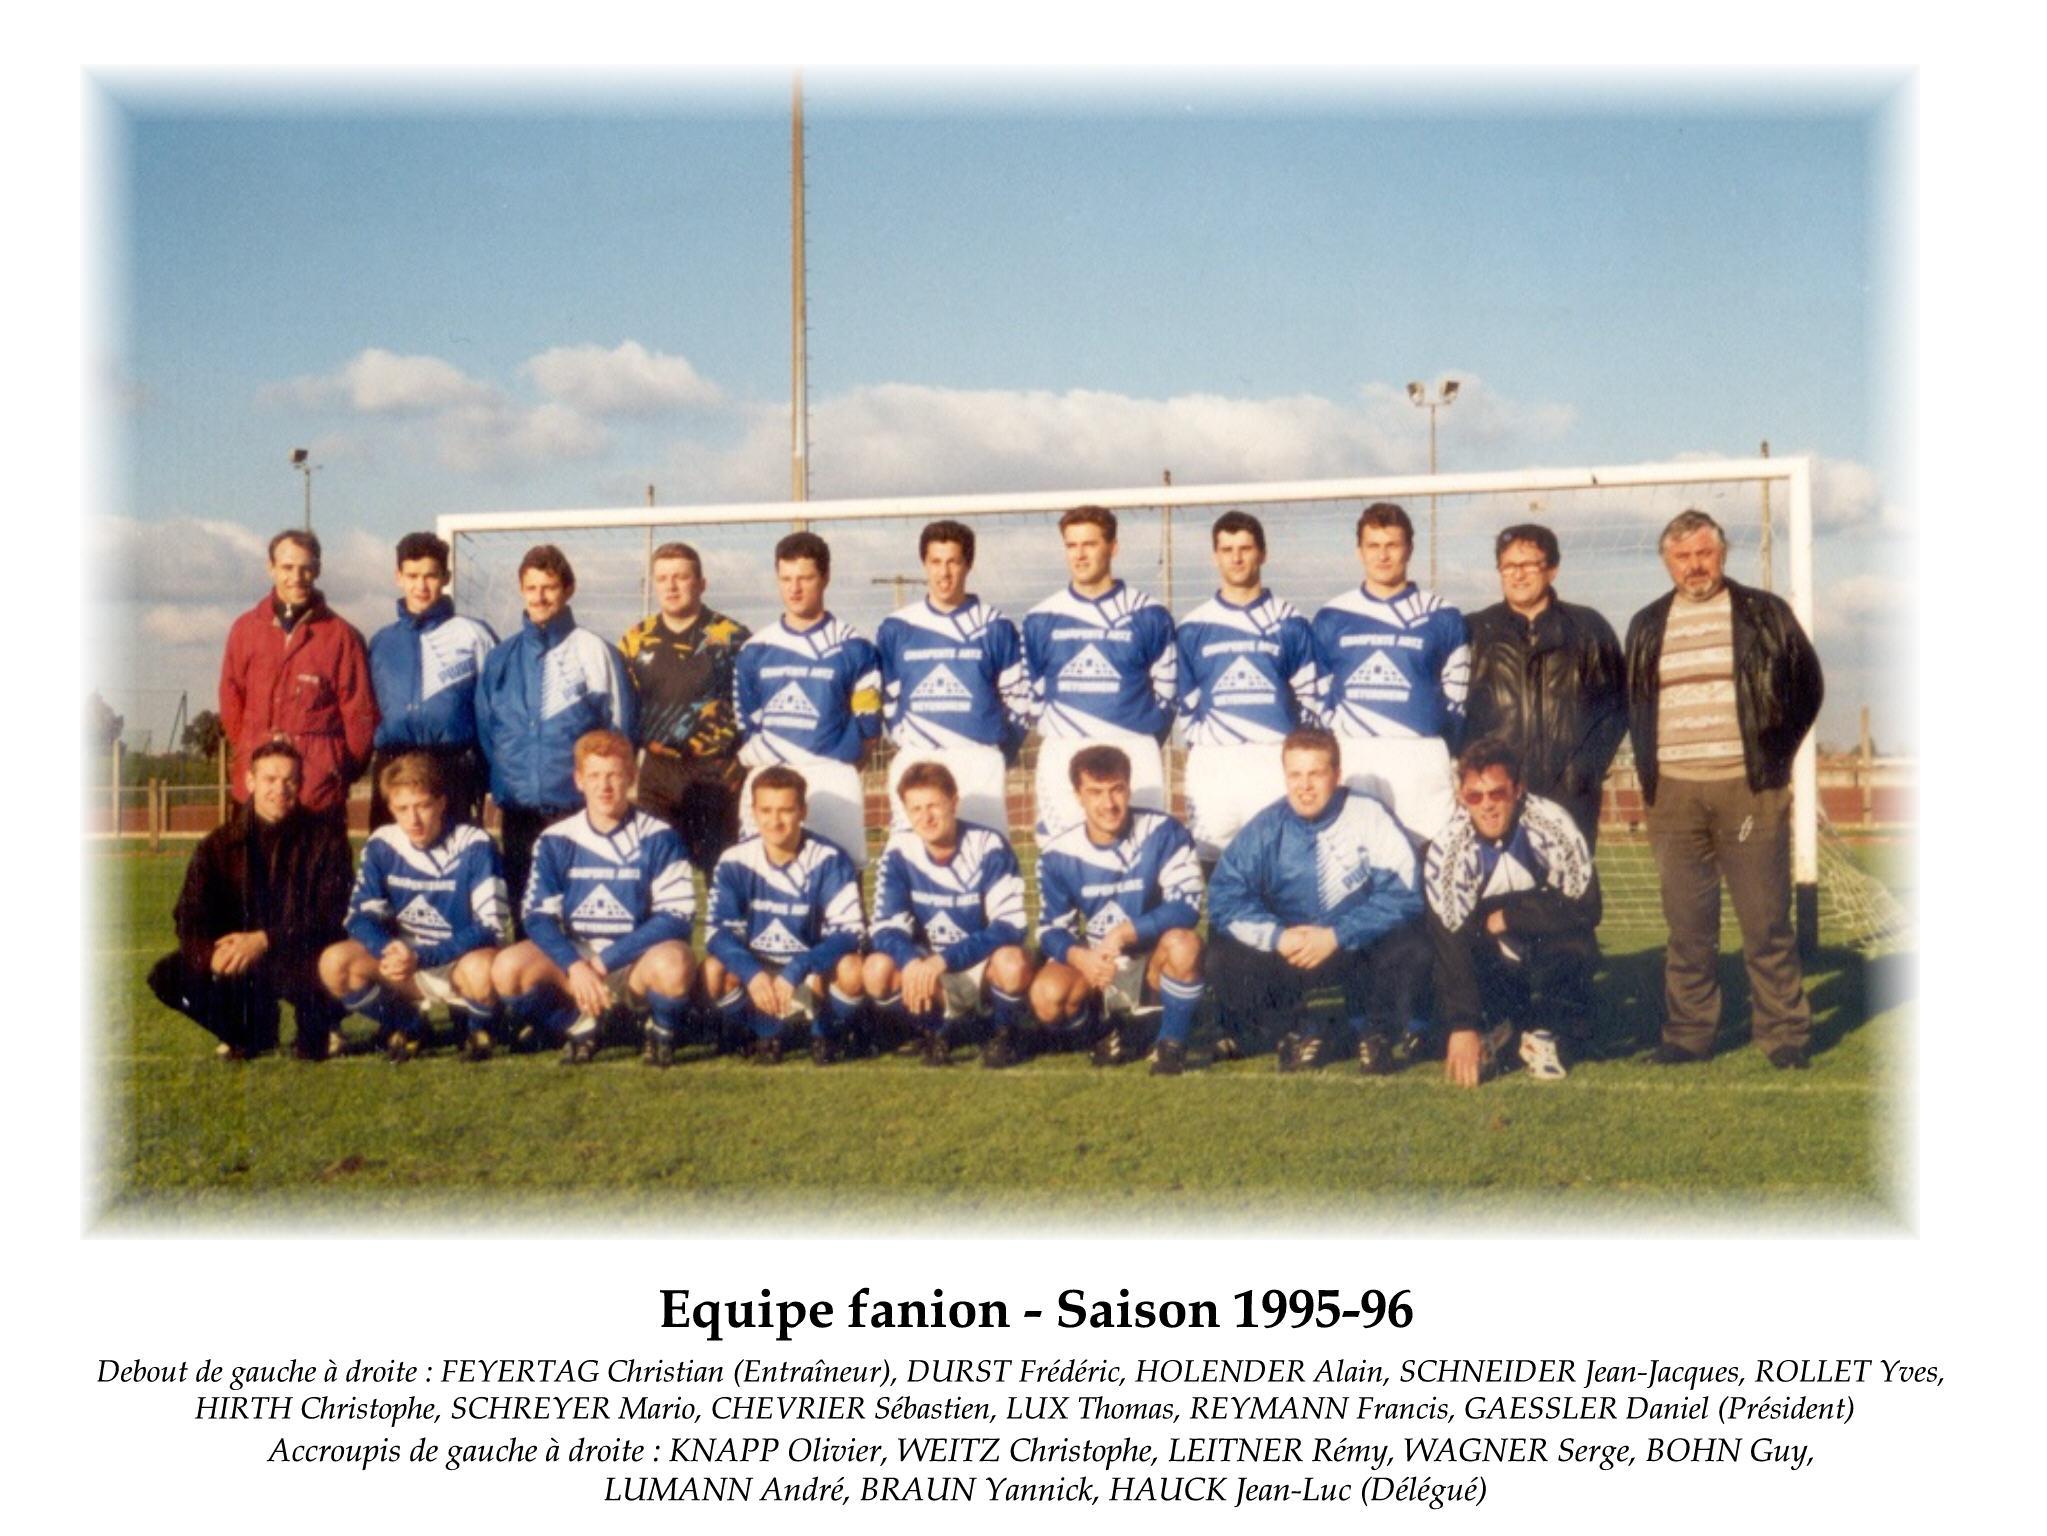 Annees 1995-96